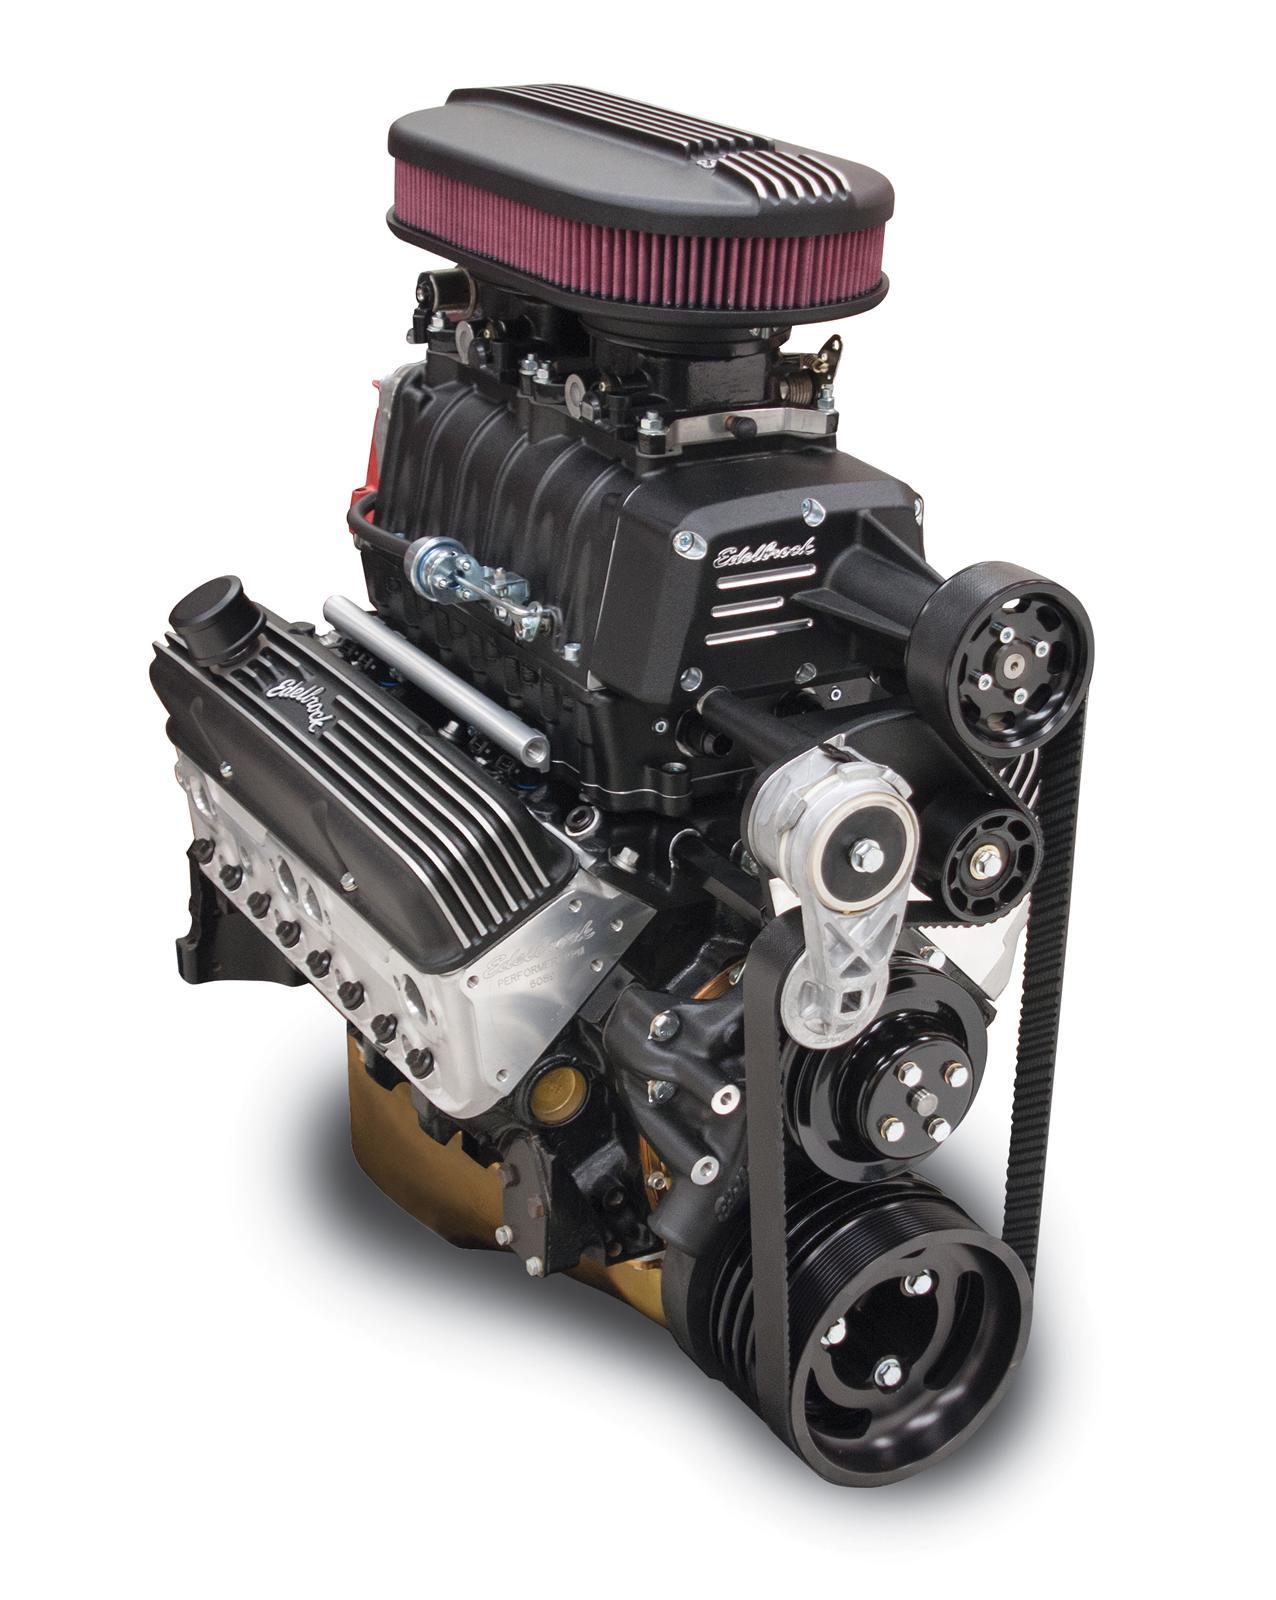 Edelbrock E Force Enforcer Efi Supercharger Systems 15203